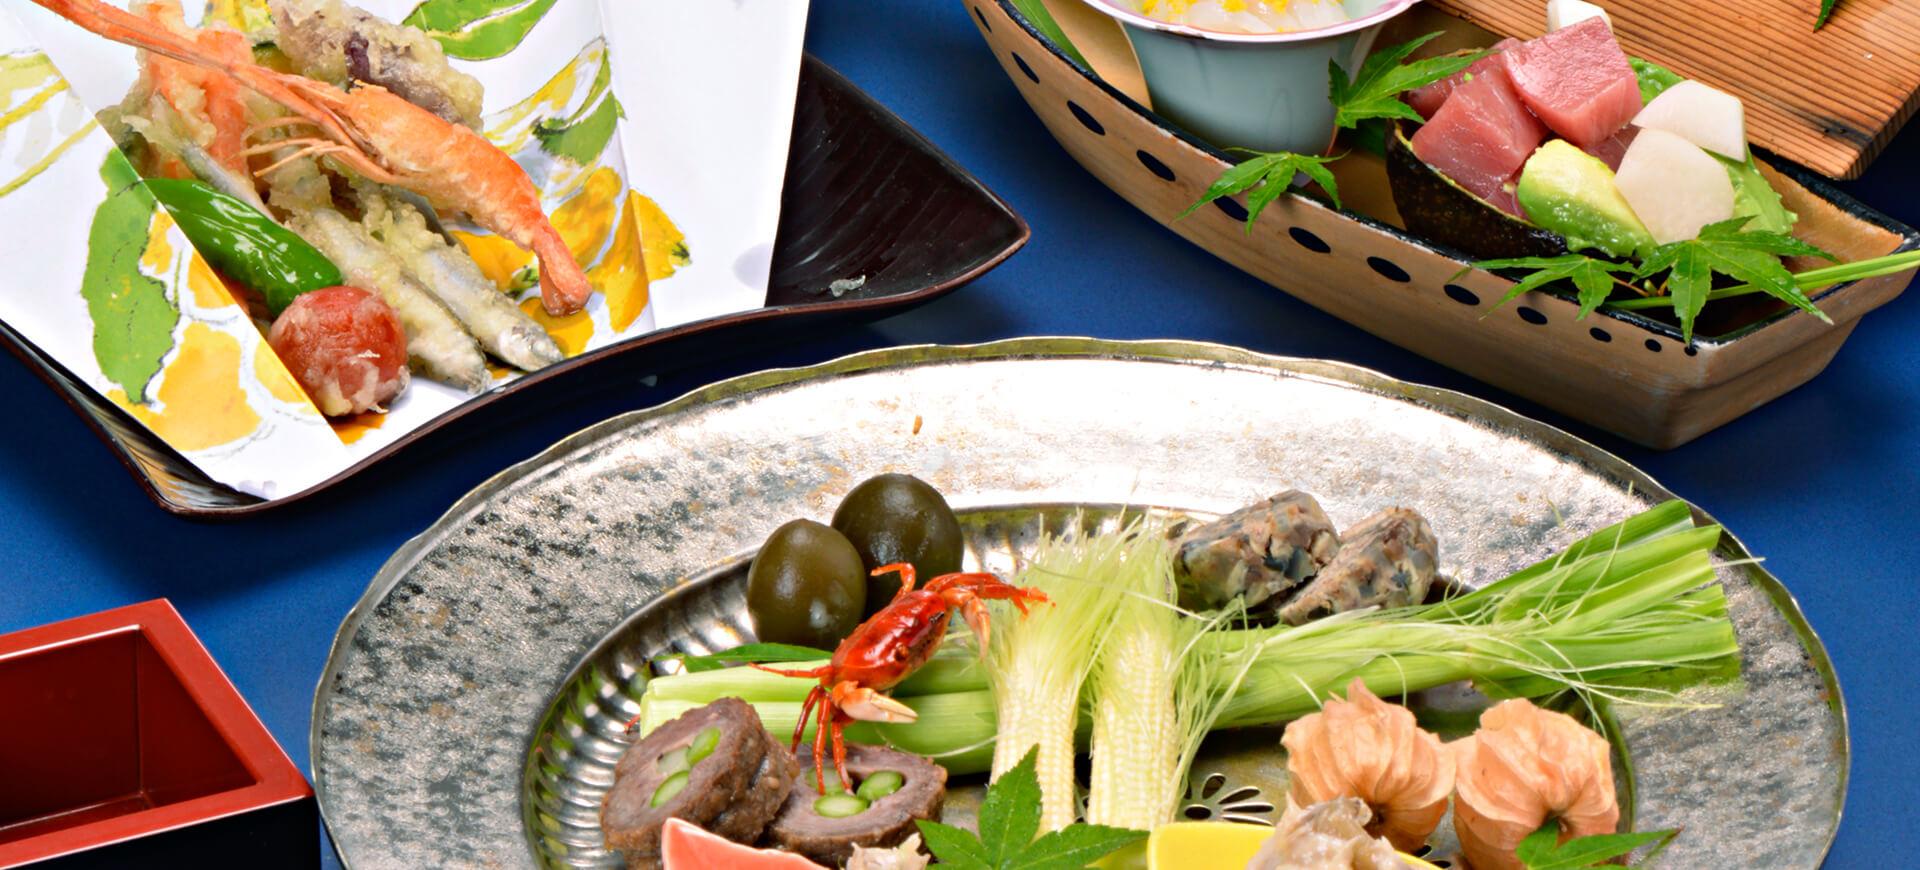 【8月1日〜9月30日まで】日本料理てら岡のサムネイル画像